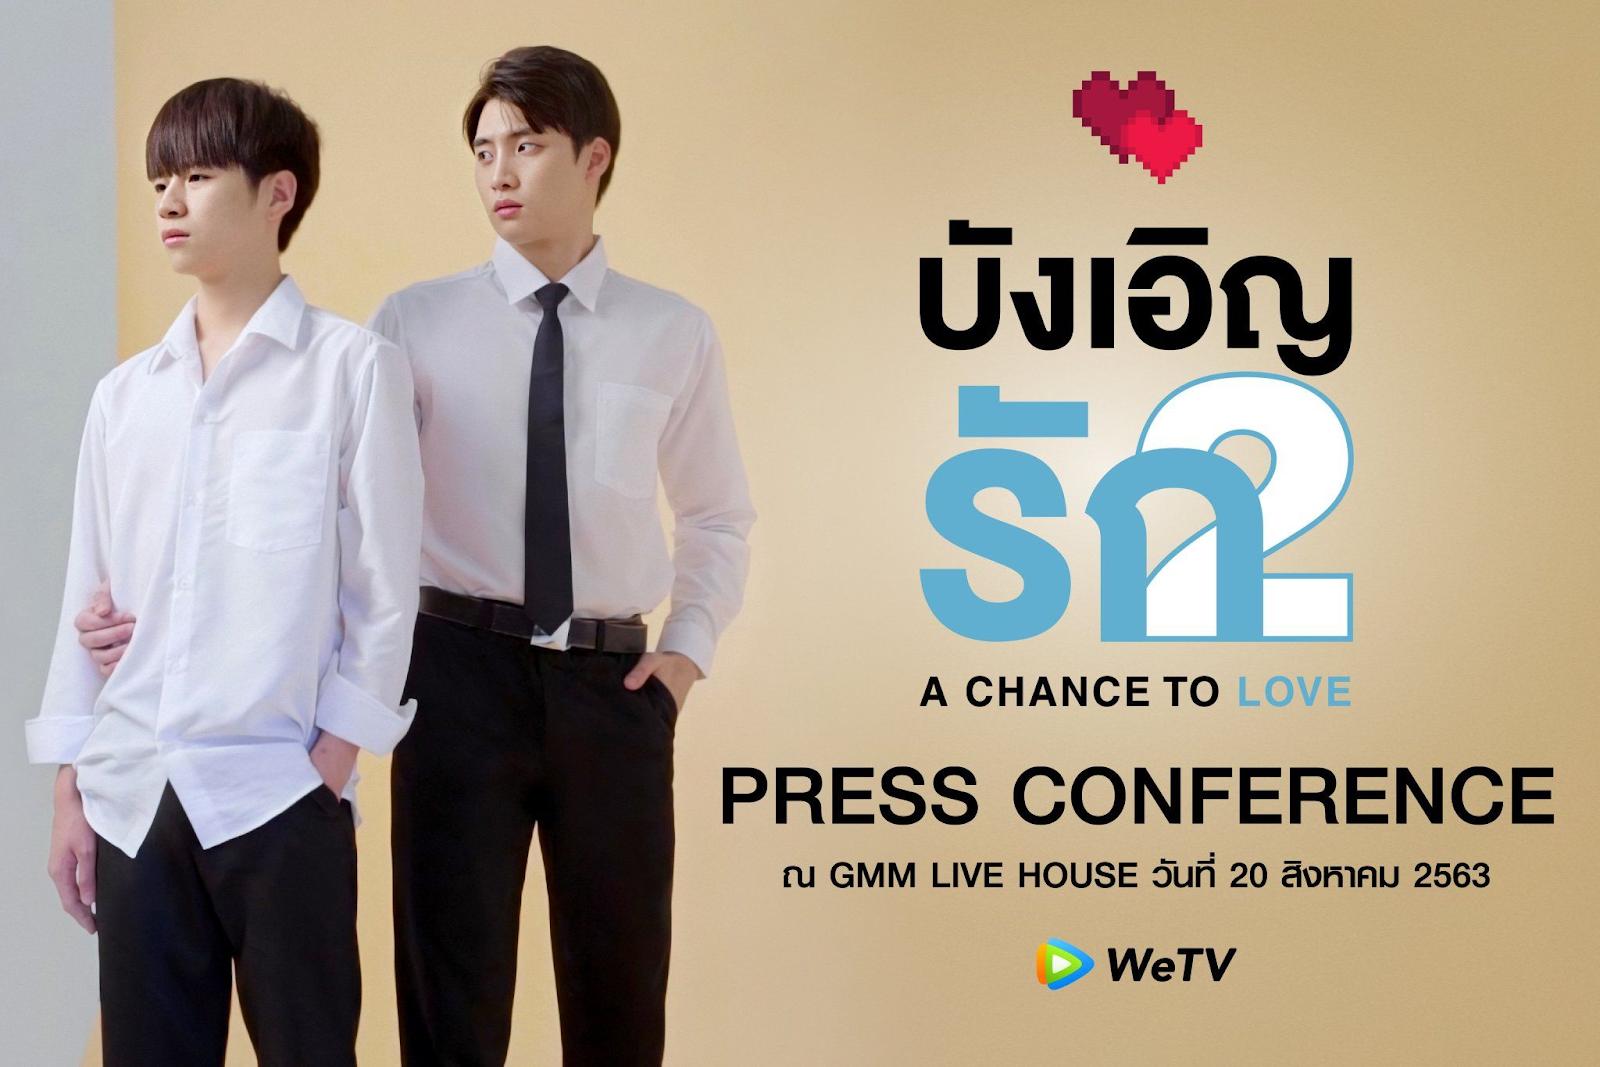 Tình cờ yêu là bộ phim đam mỹ Thái Lan nổi tiếng